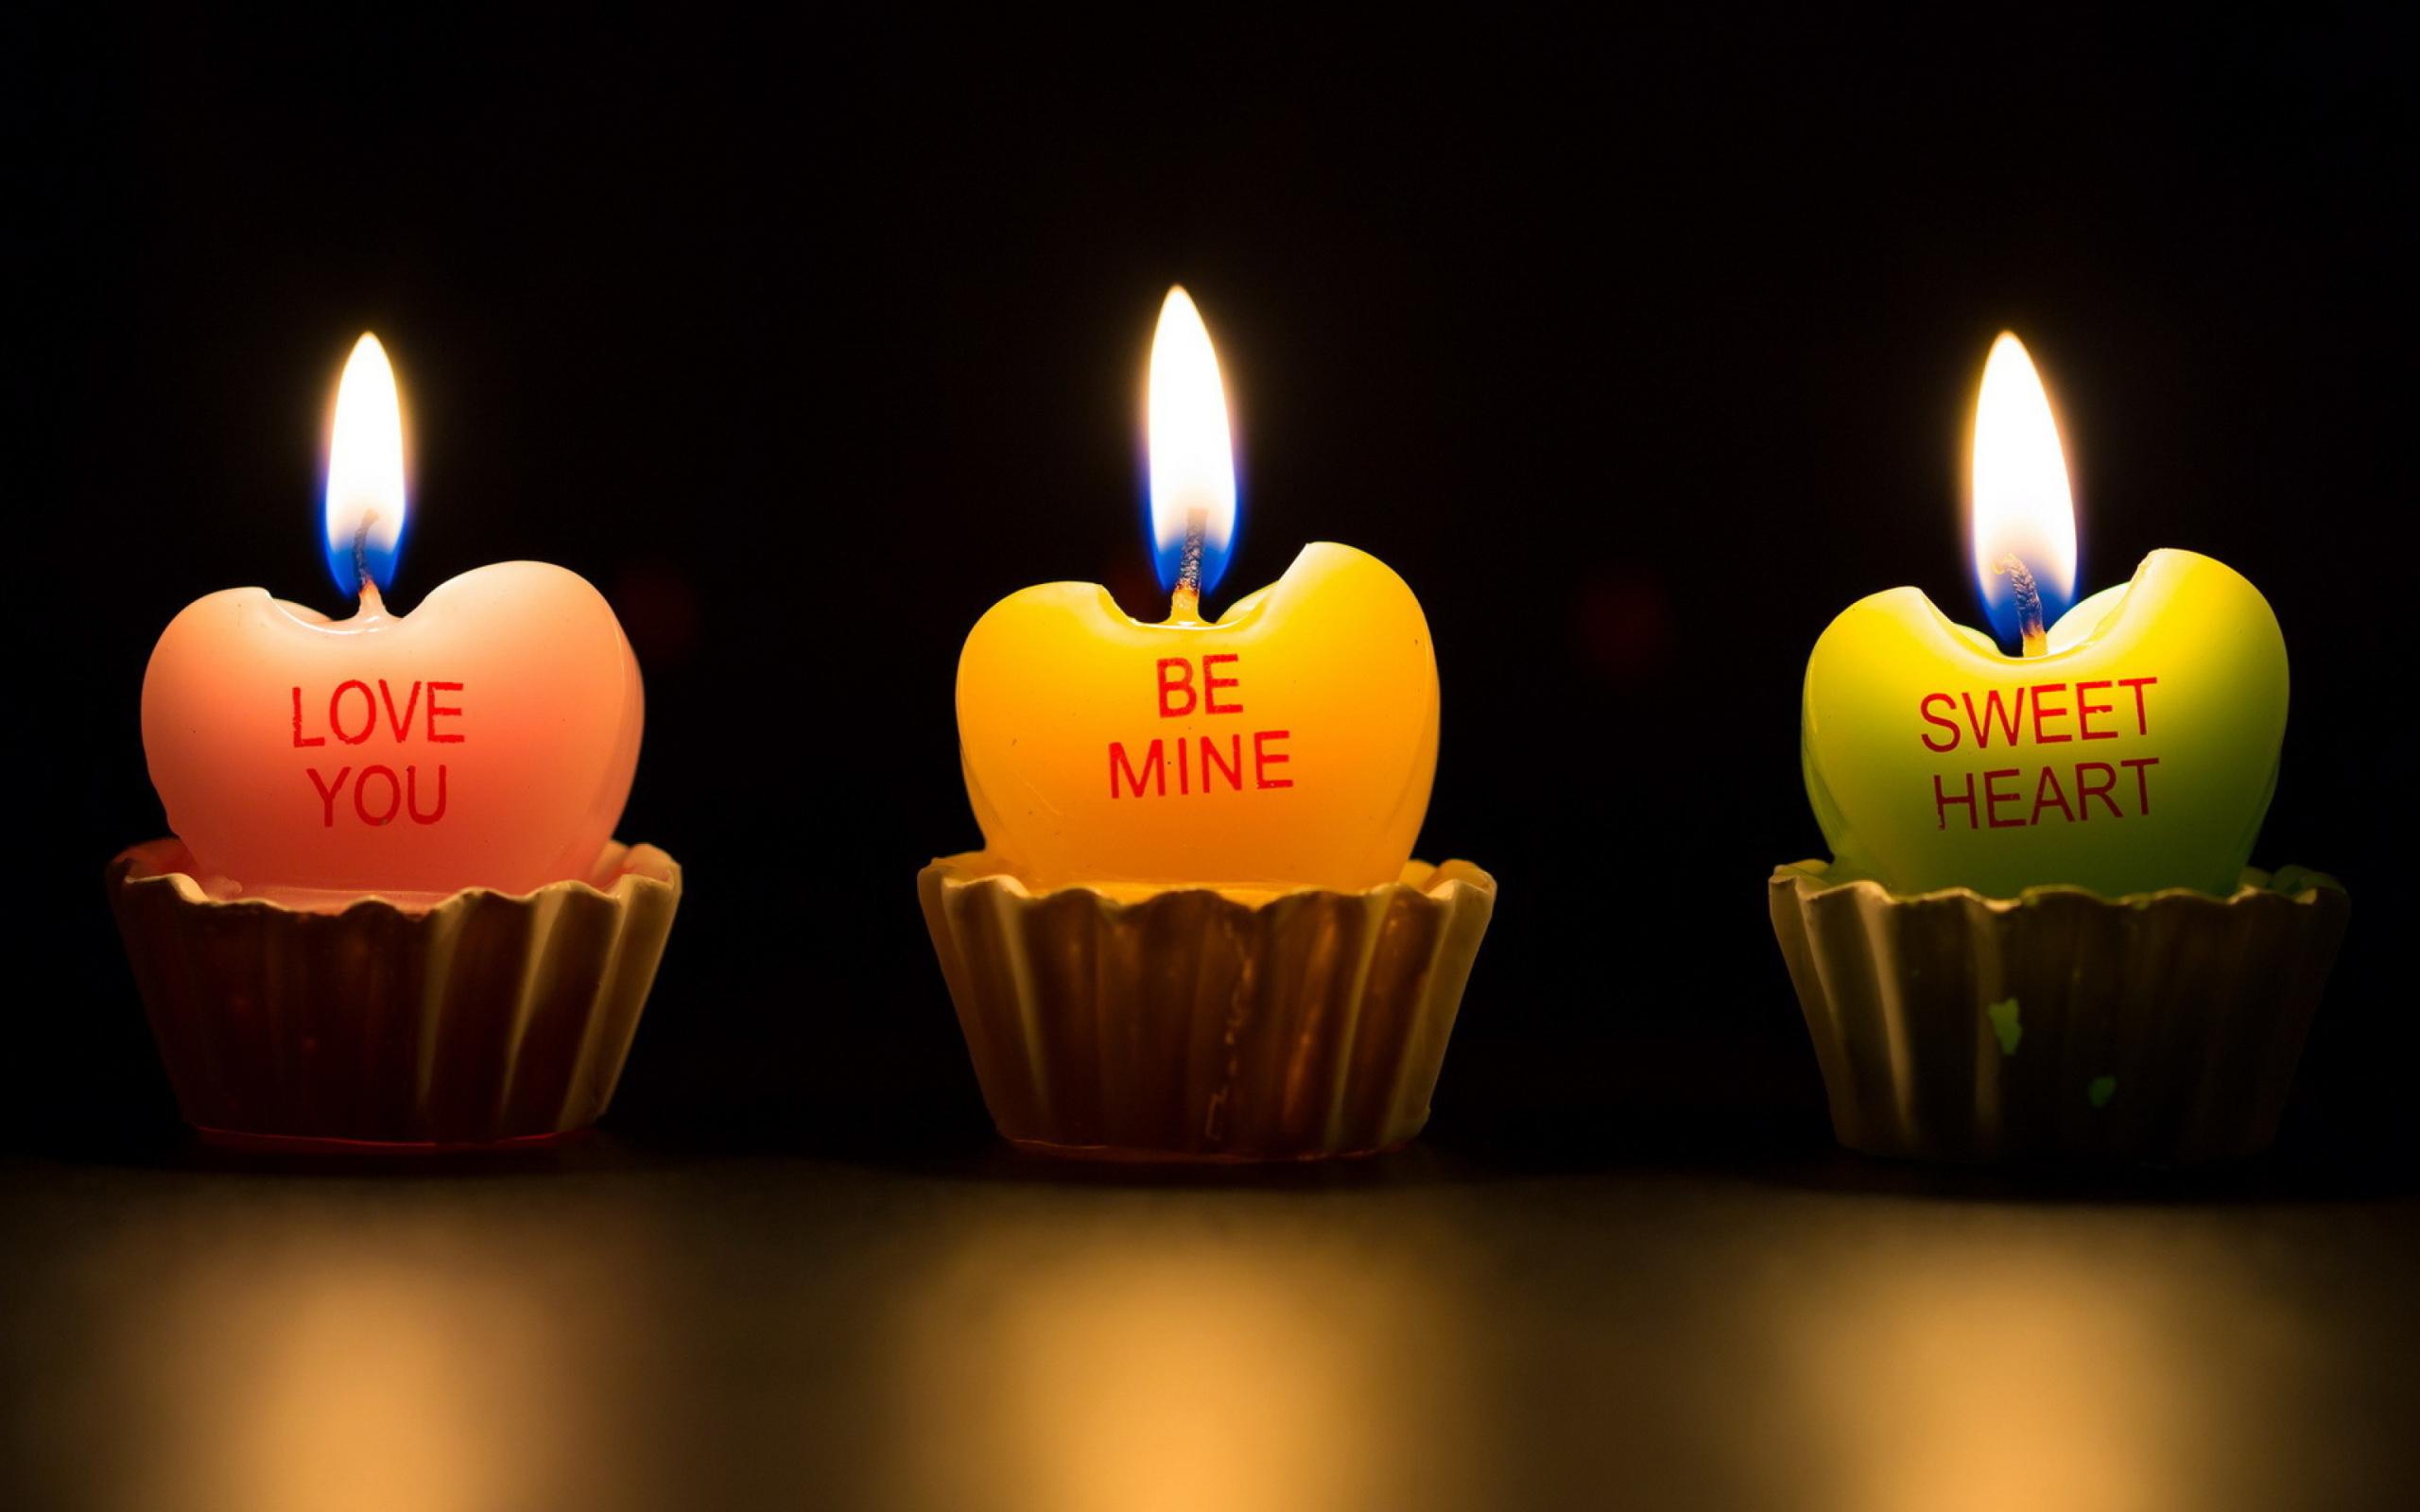 свеча сердца без смс